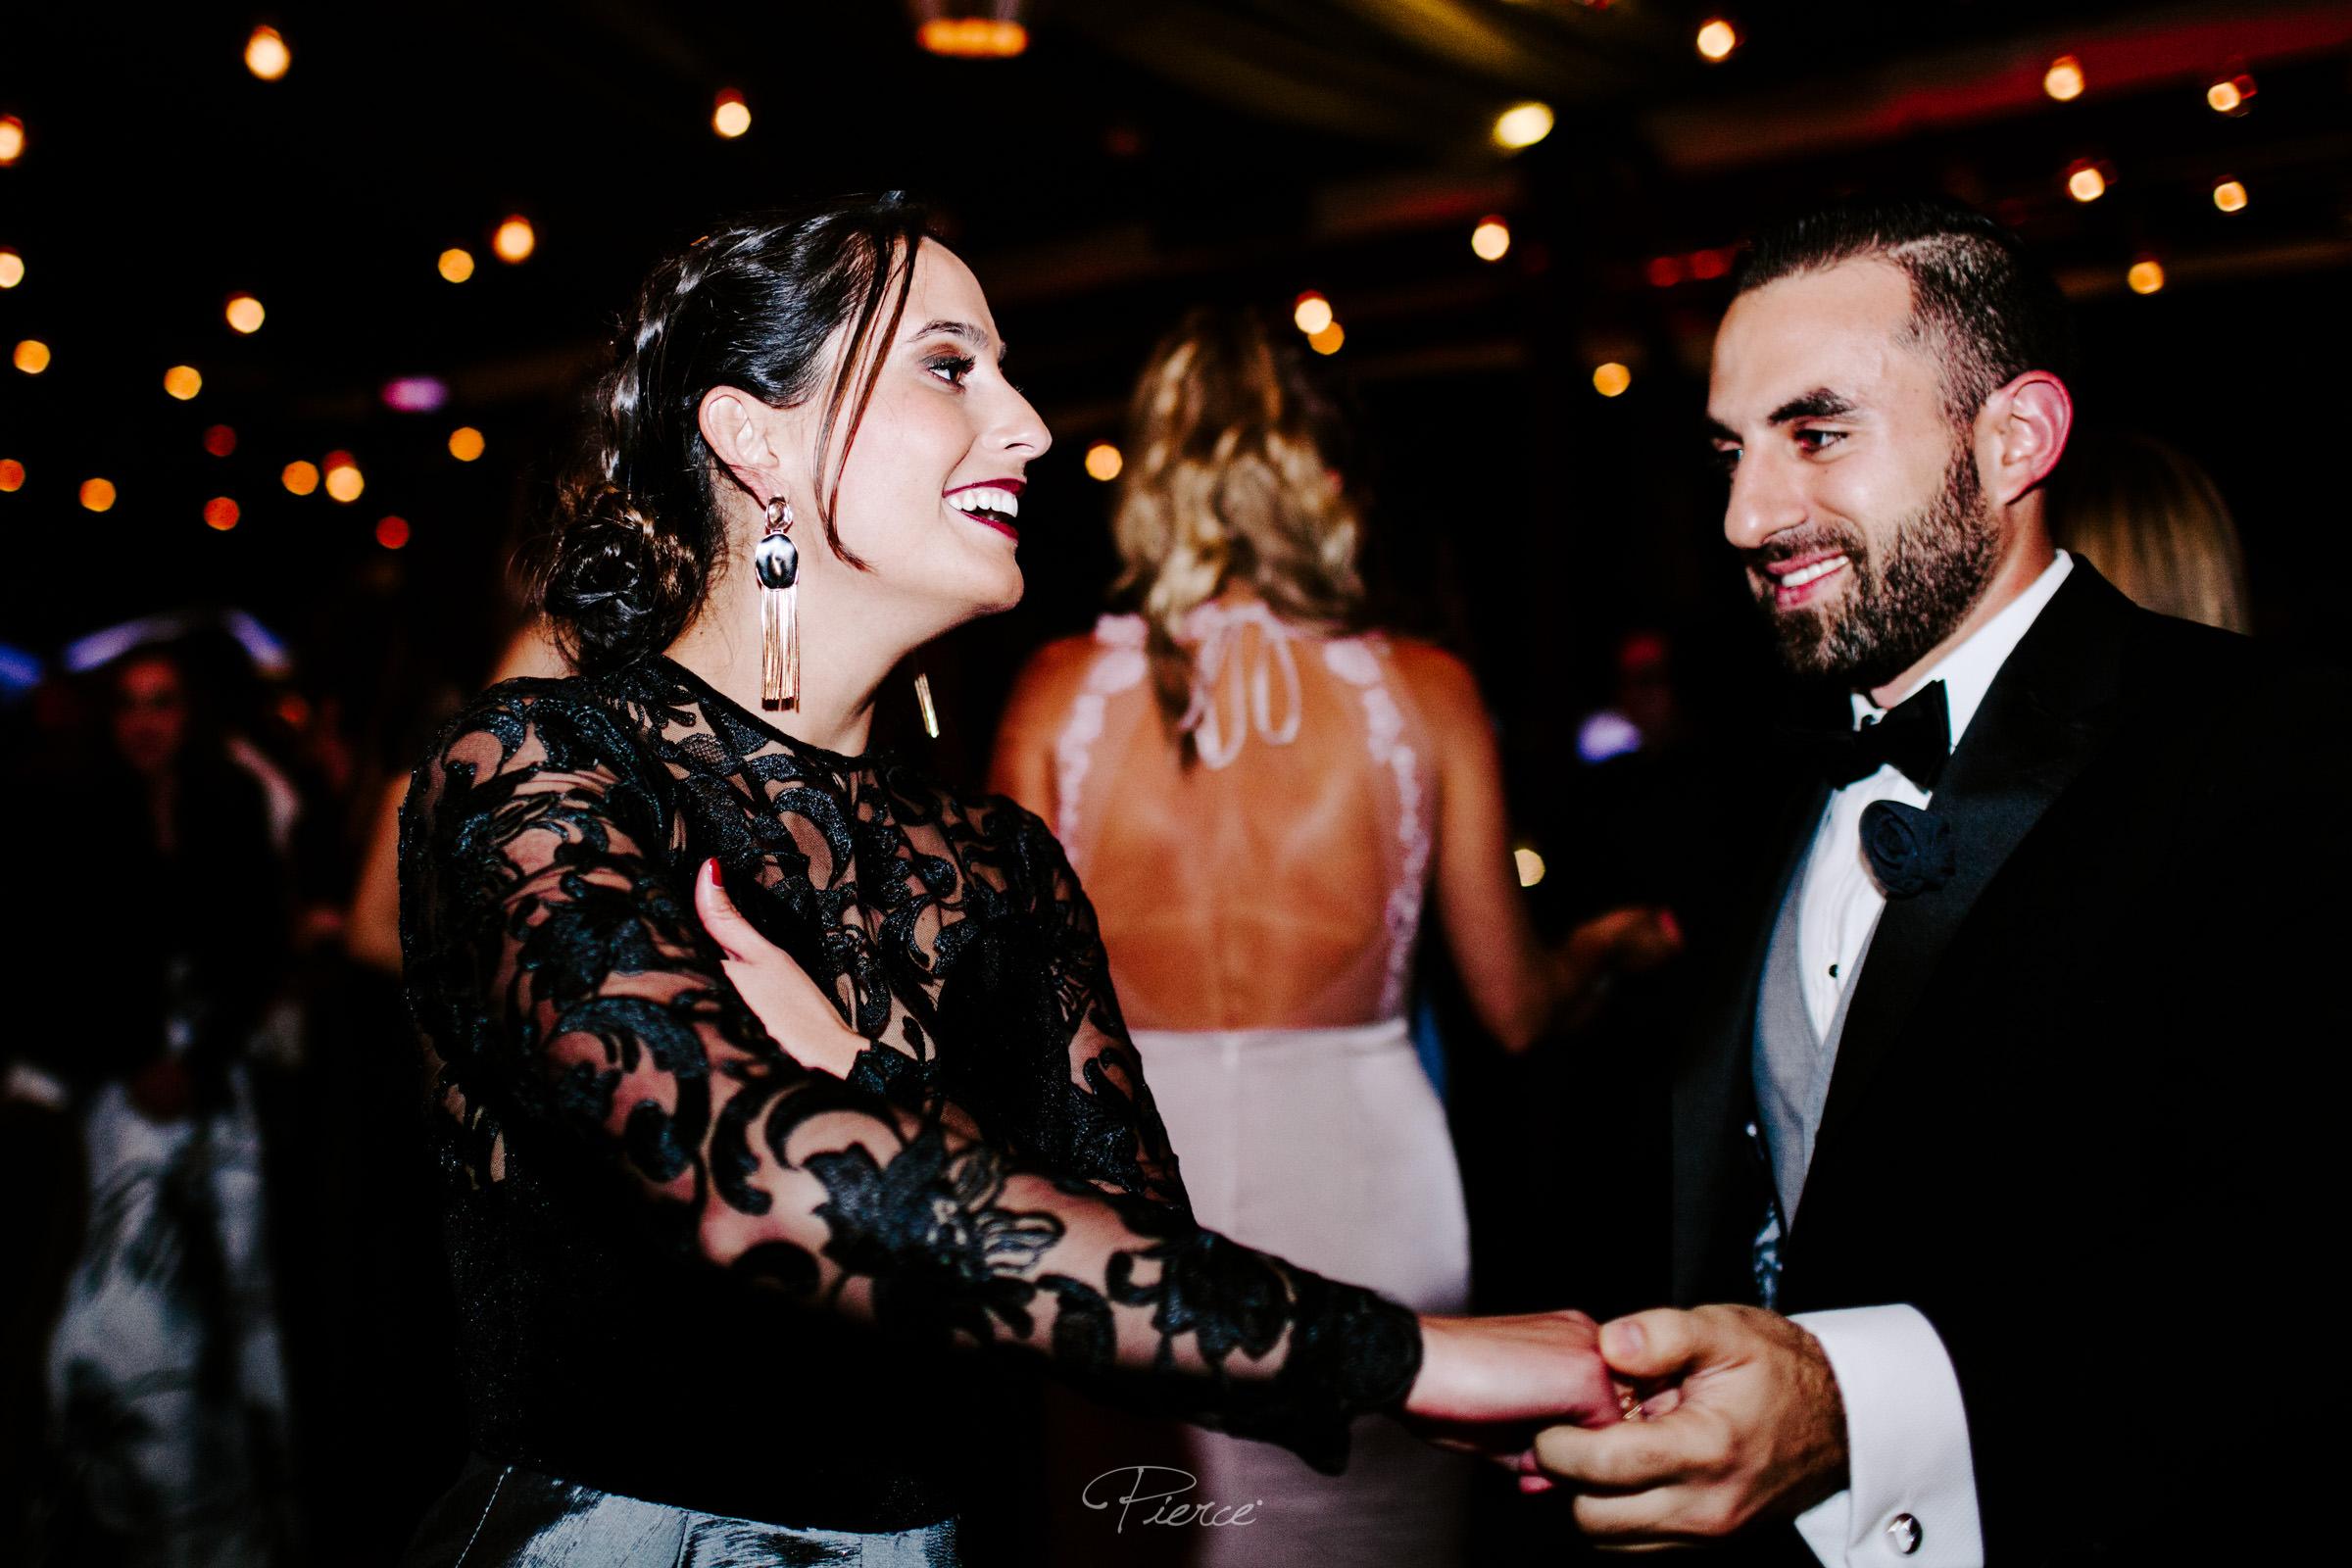 fotografia-de-boda-valle-de-bravo-mexico-rosmarino-pierce-weddings-0191.JPG